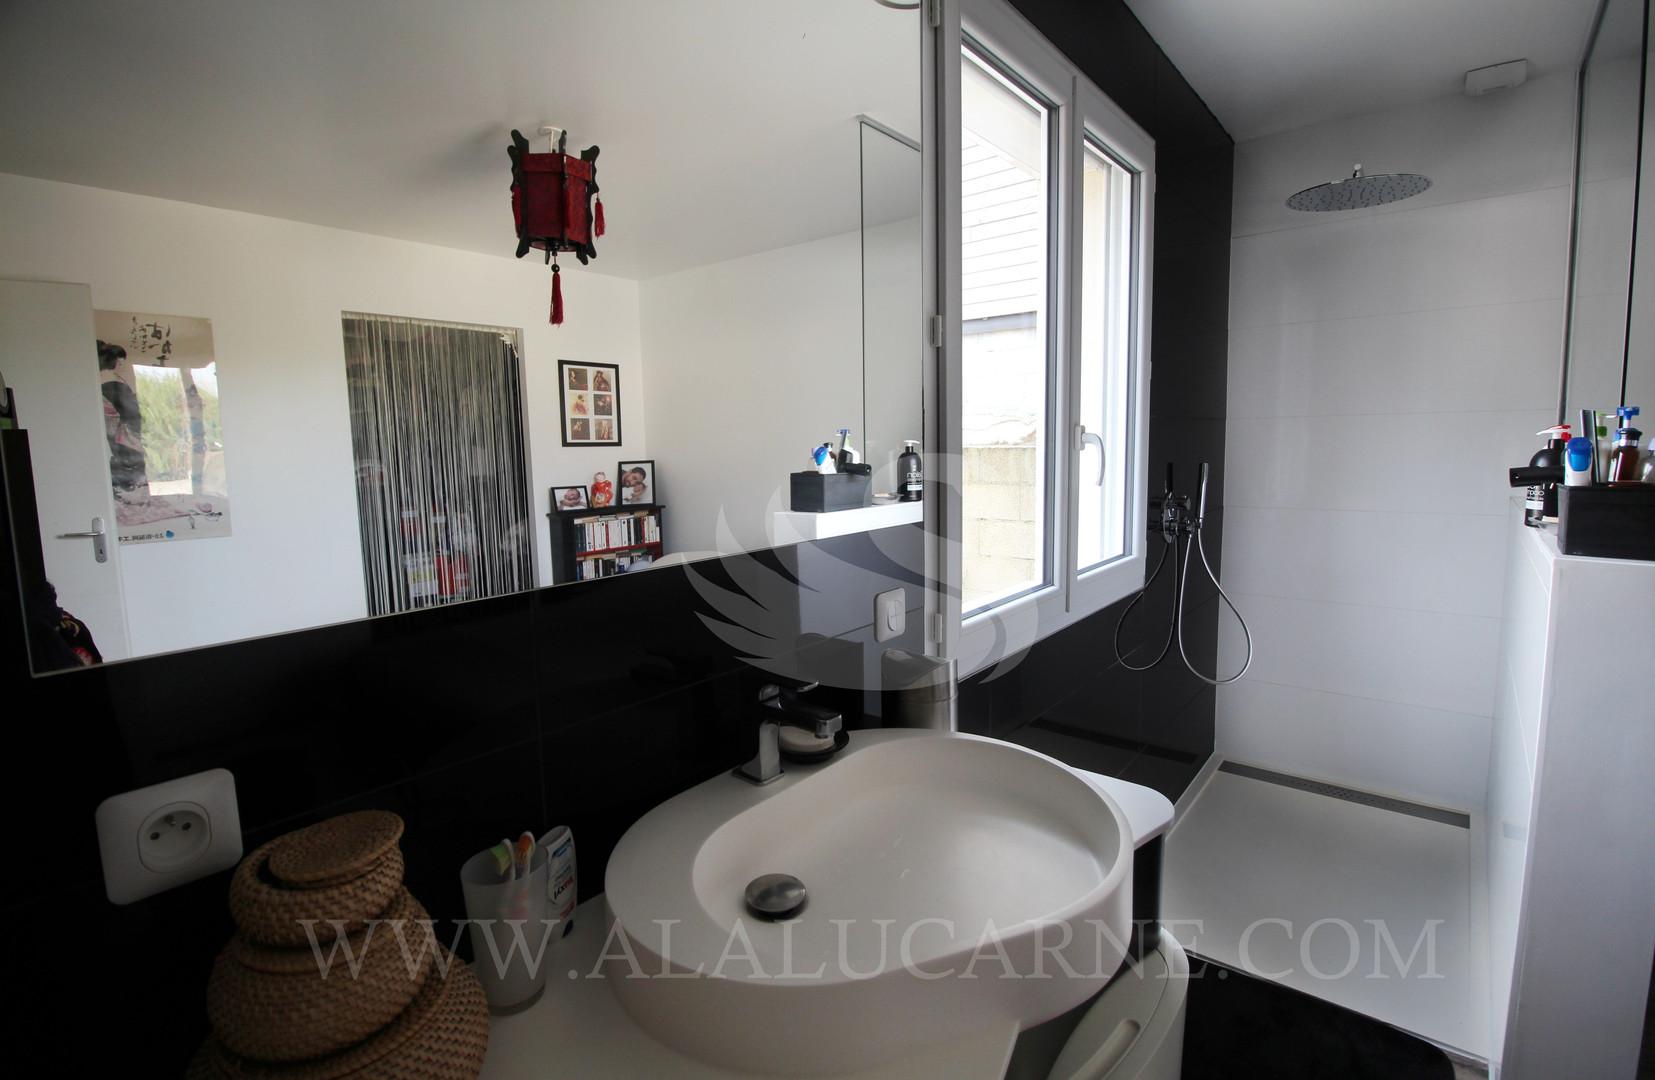 A_vendre_maison_à_Castelnau_avec_suite_